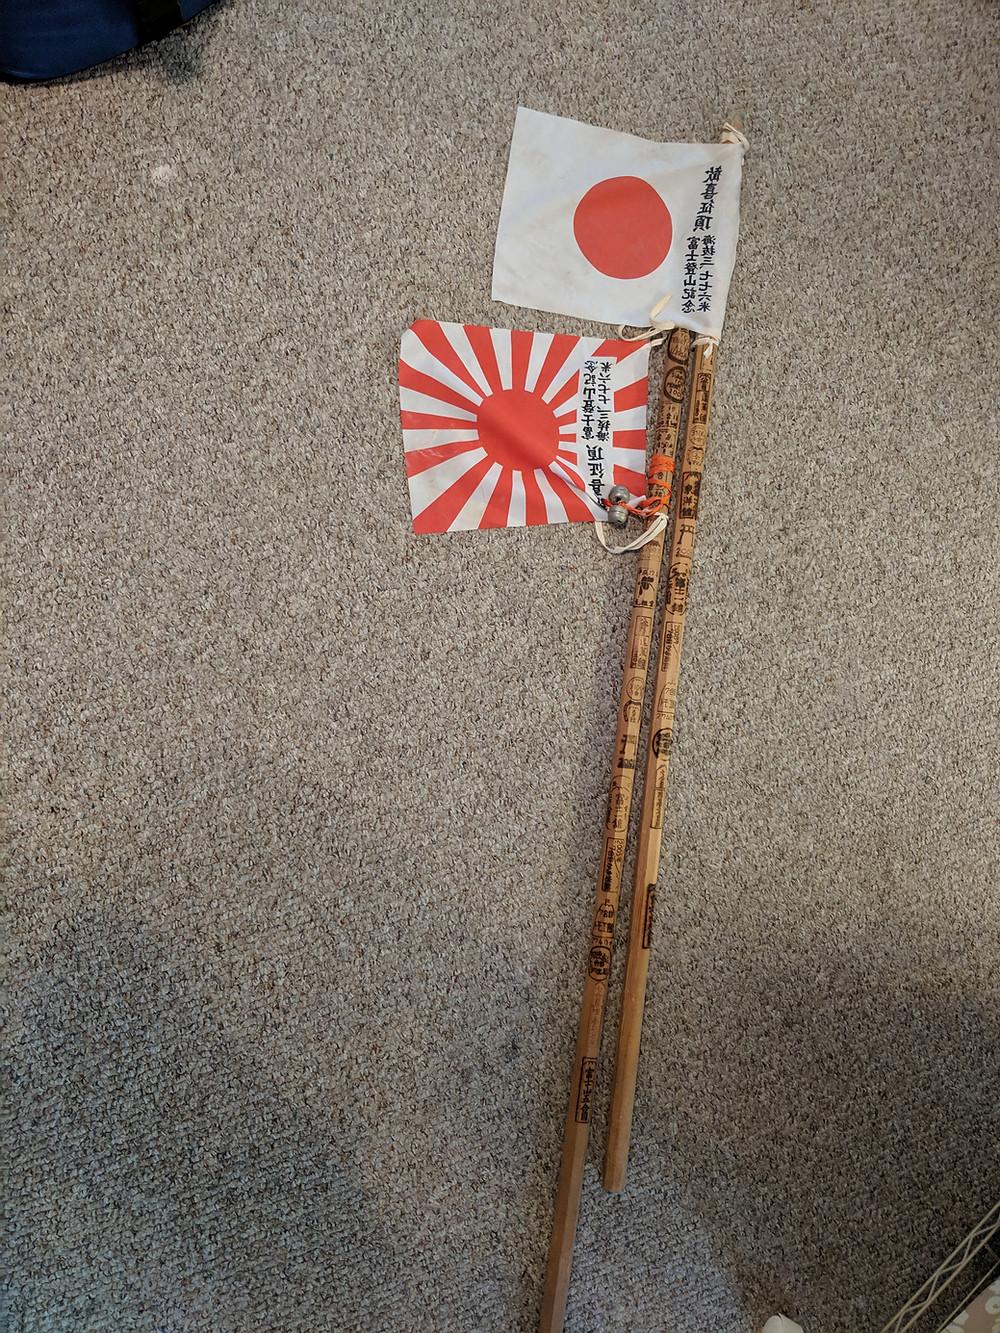 Mt. Fuji hiking sticks